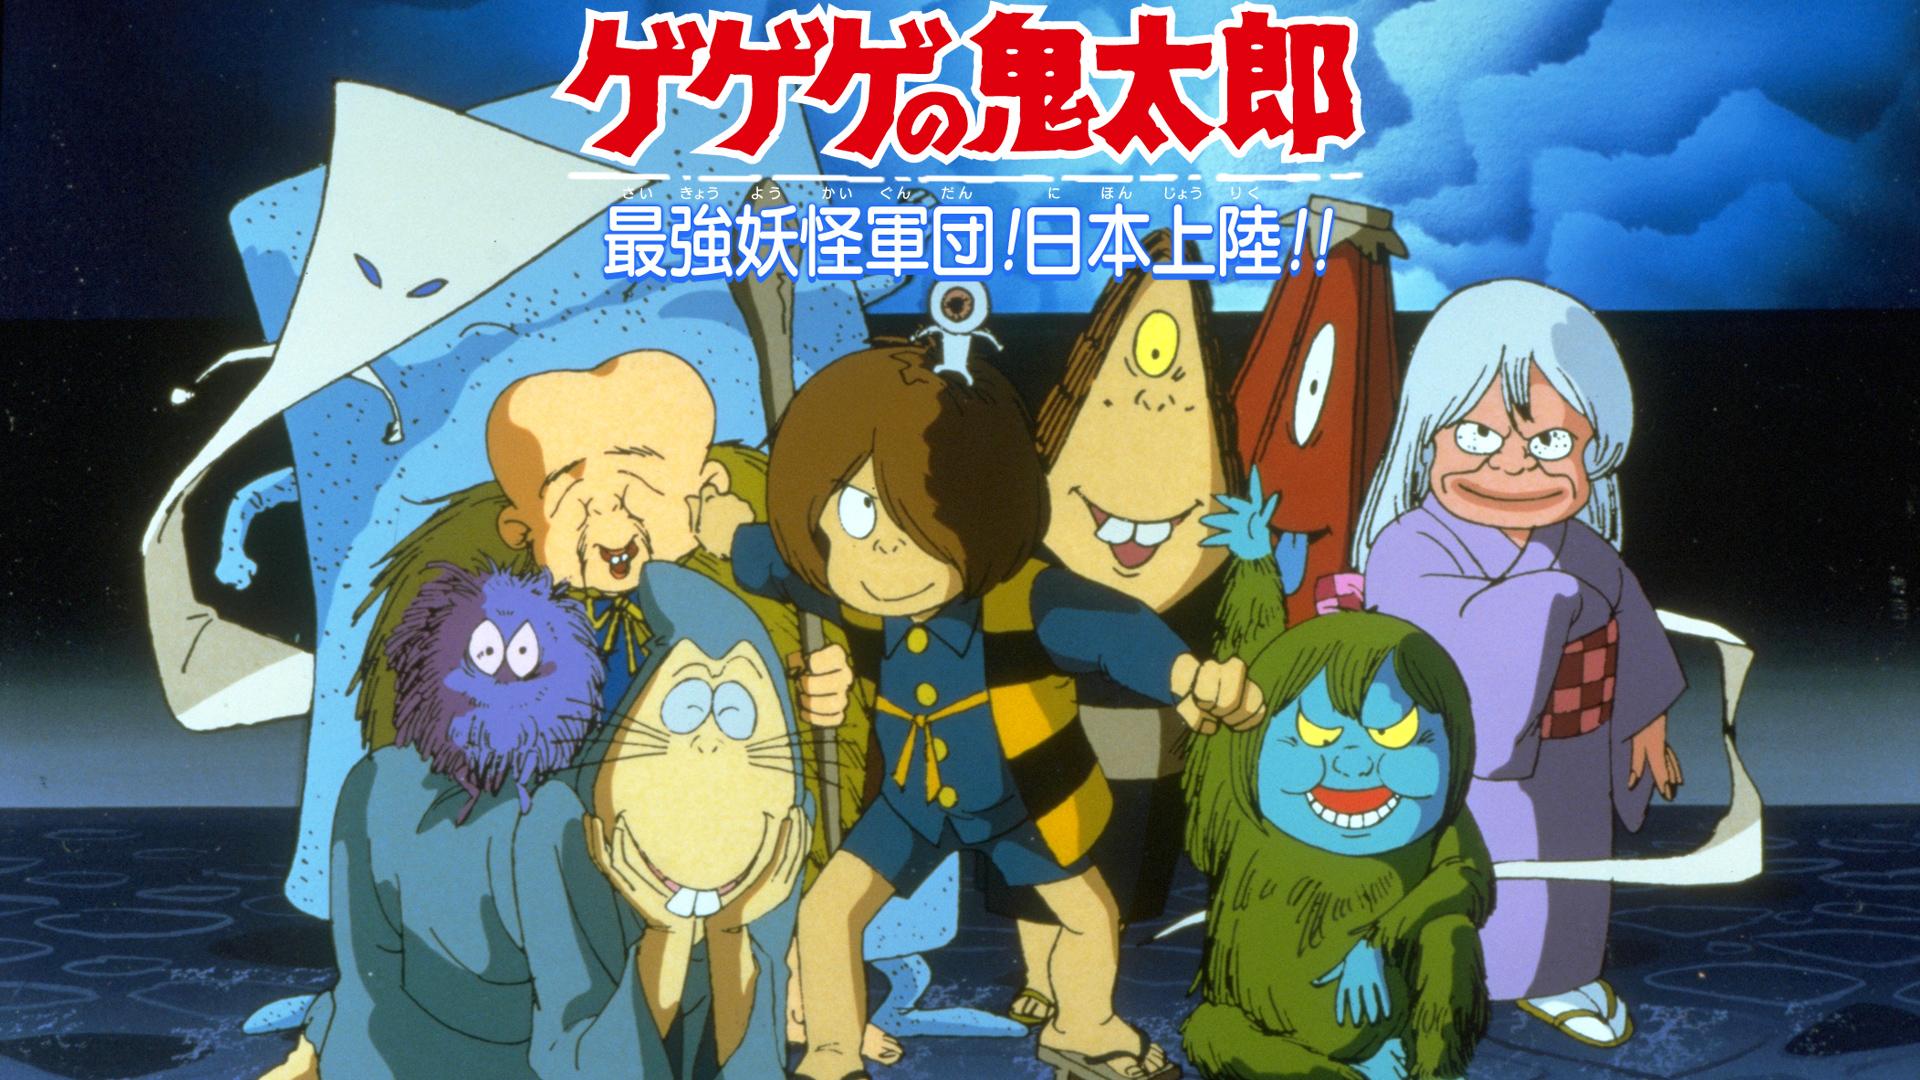 ゲゲゲの鬼太郎 最強妖怪軍団!日本上陸!!